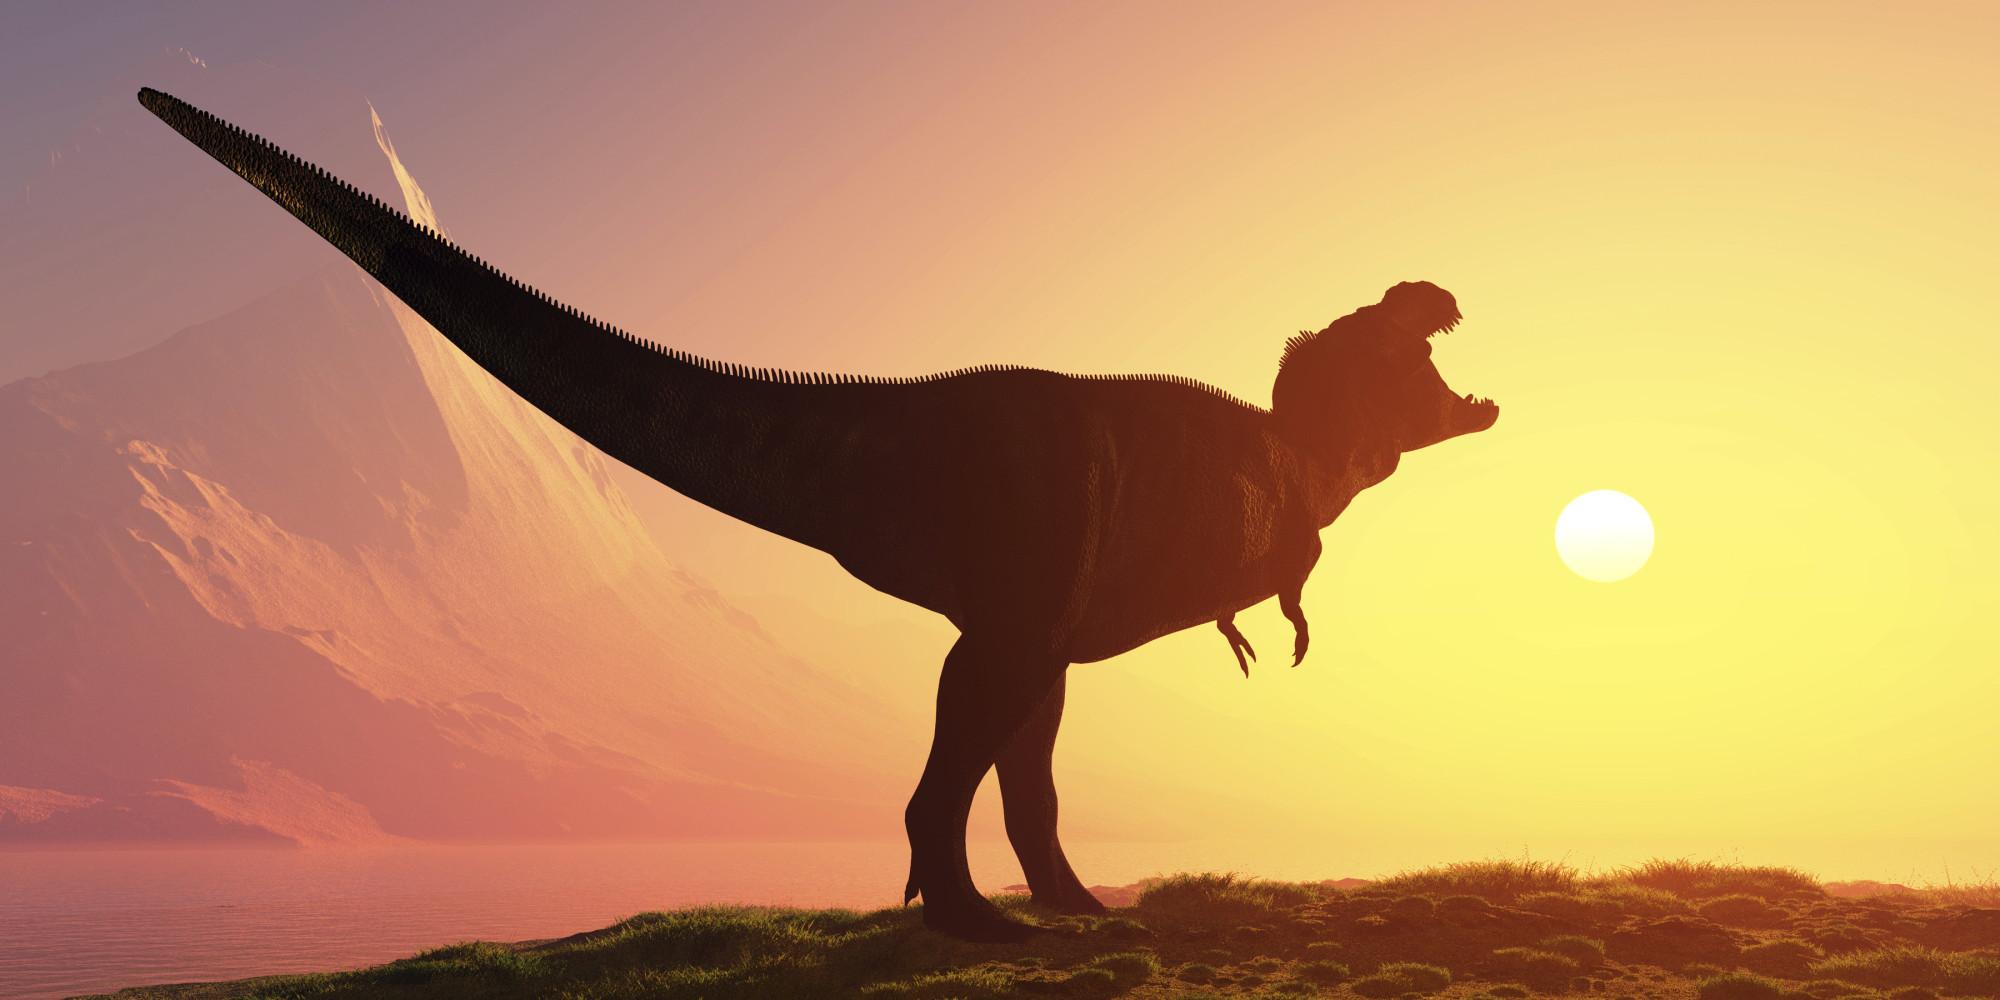 Bundan tamı tamına 65 milyon yıl öne gerçekleşen ve dinazorların neslinin tamamen kurumasına yol açan meteora göz atıyoruz